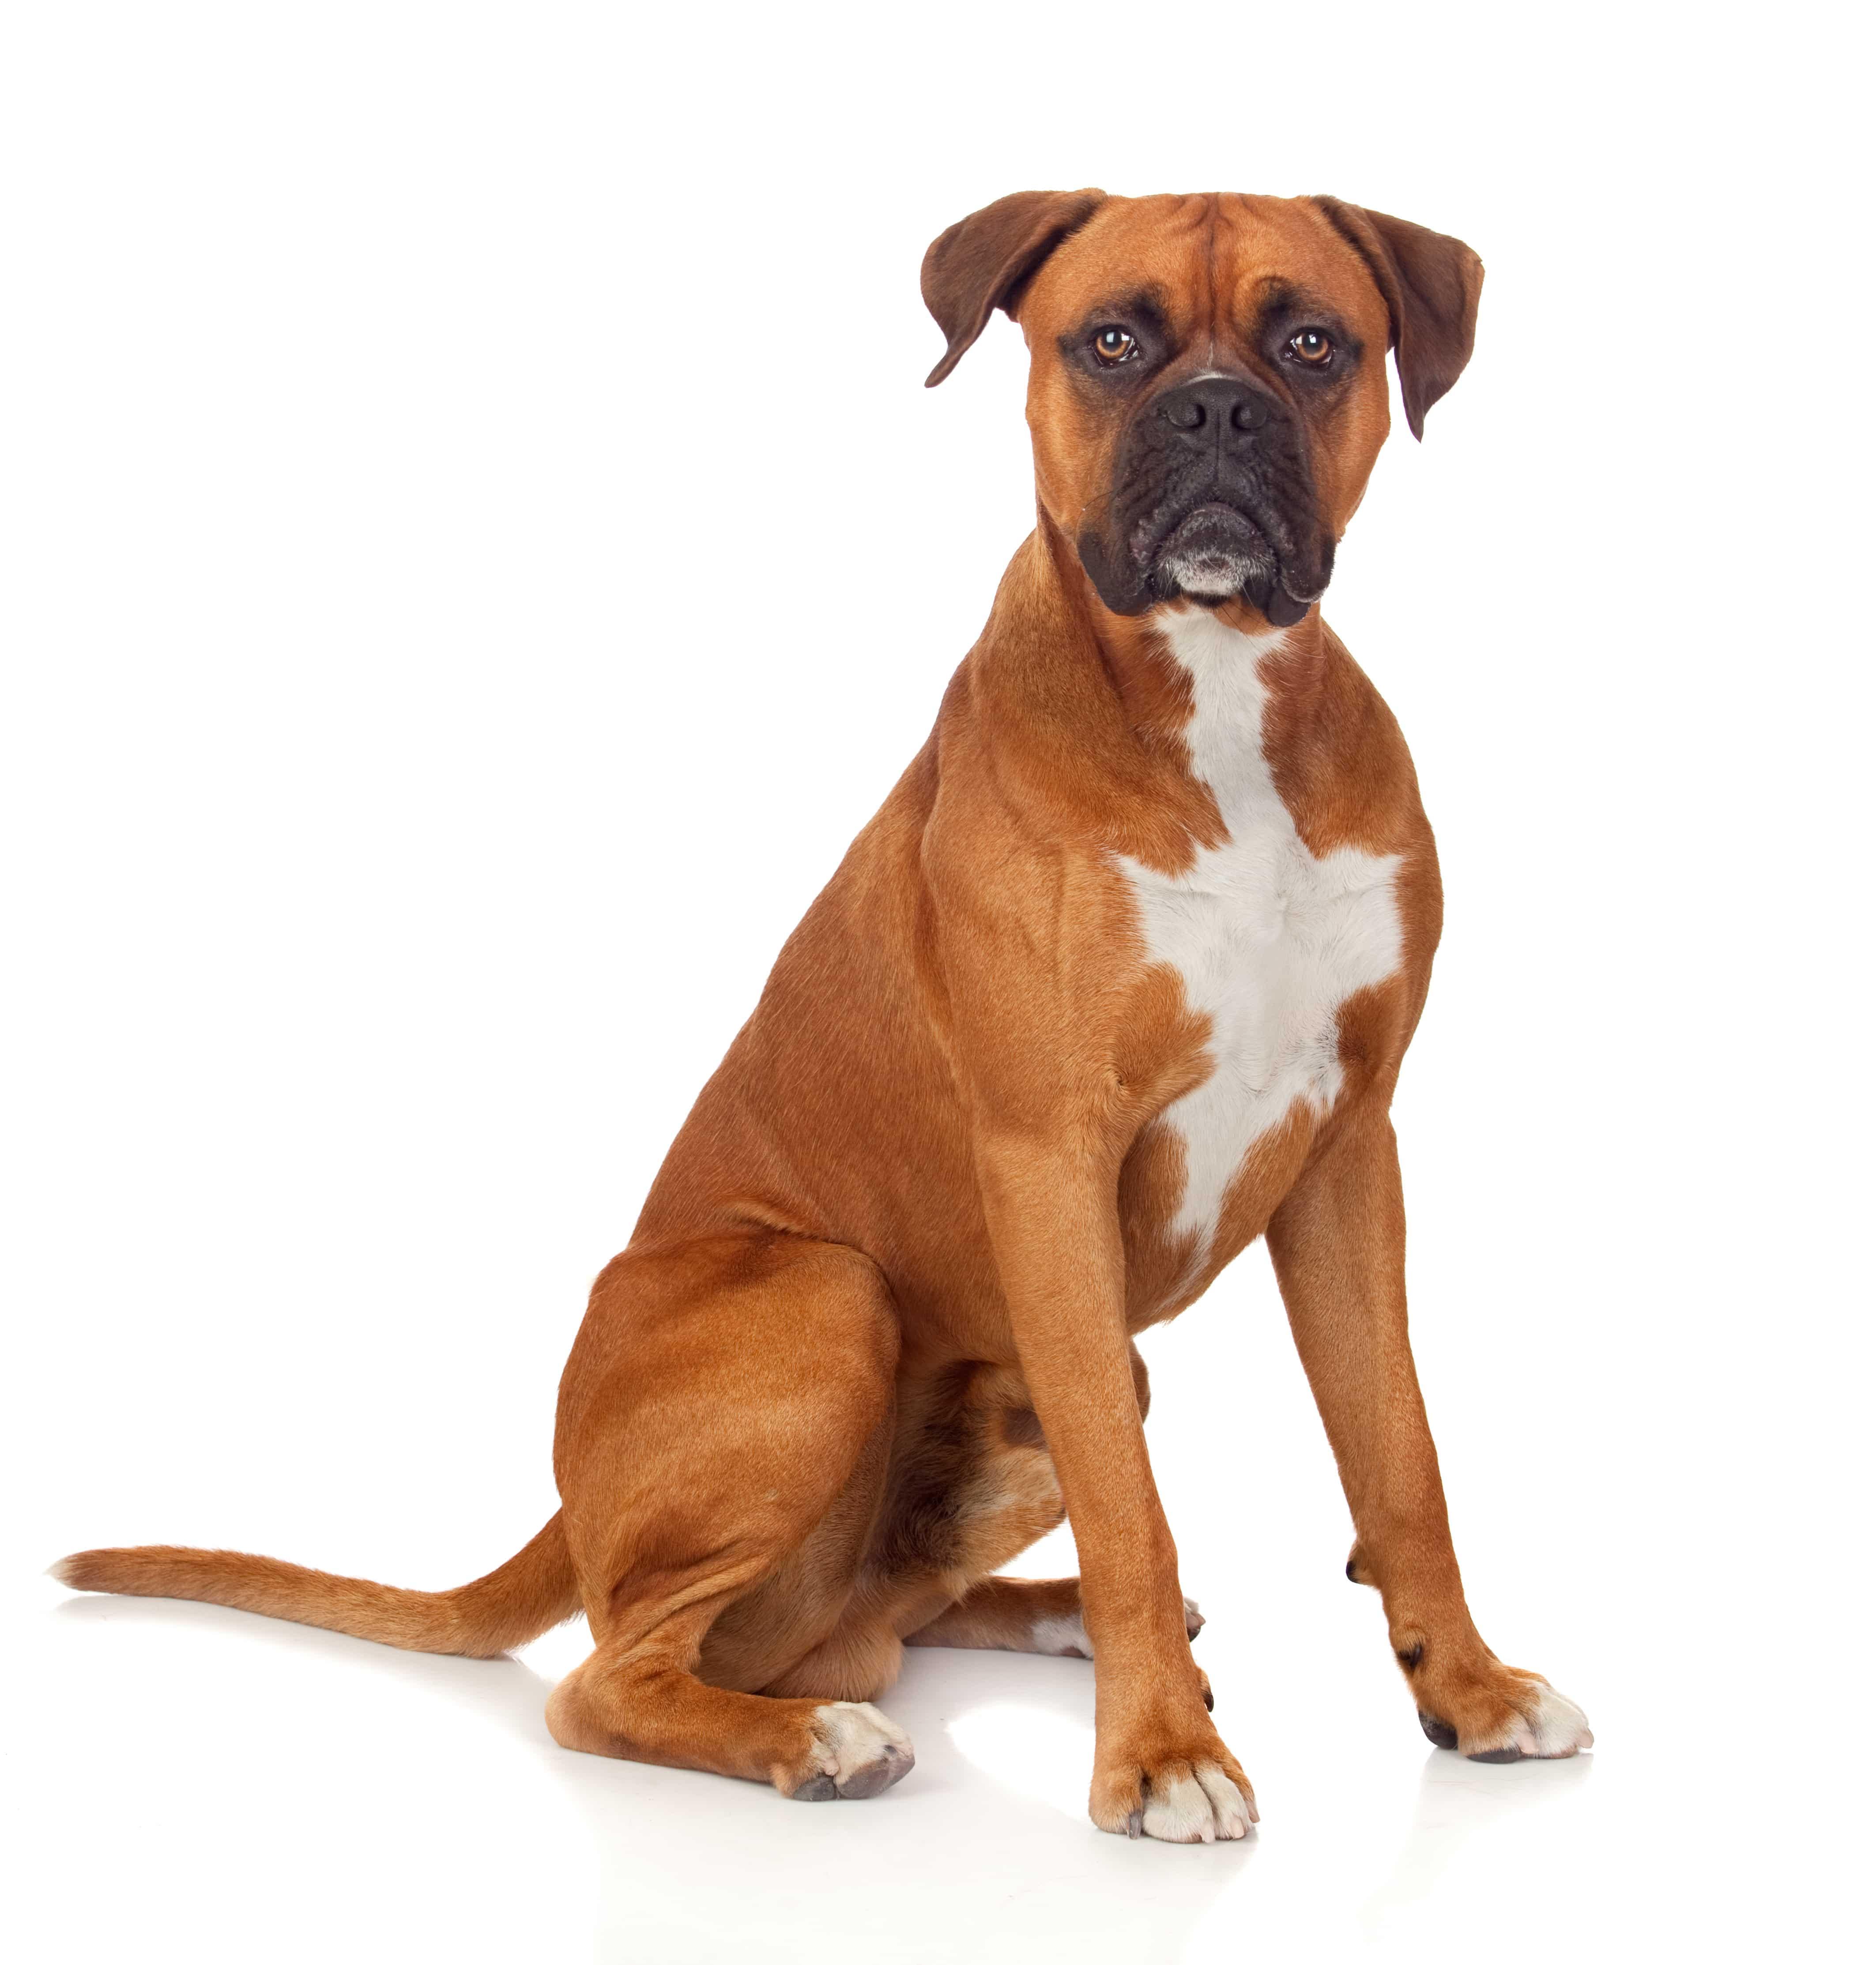 Beautiful Boxer dog isolated on white background